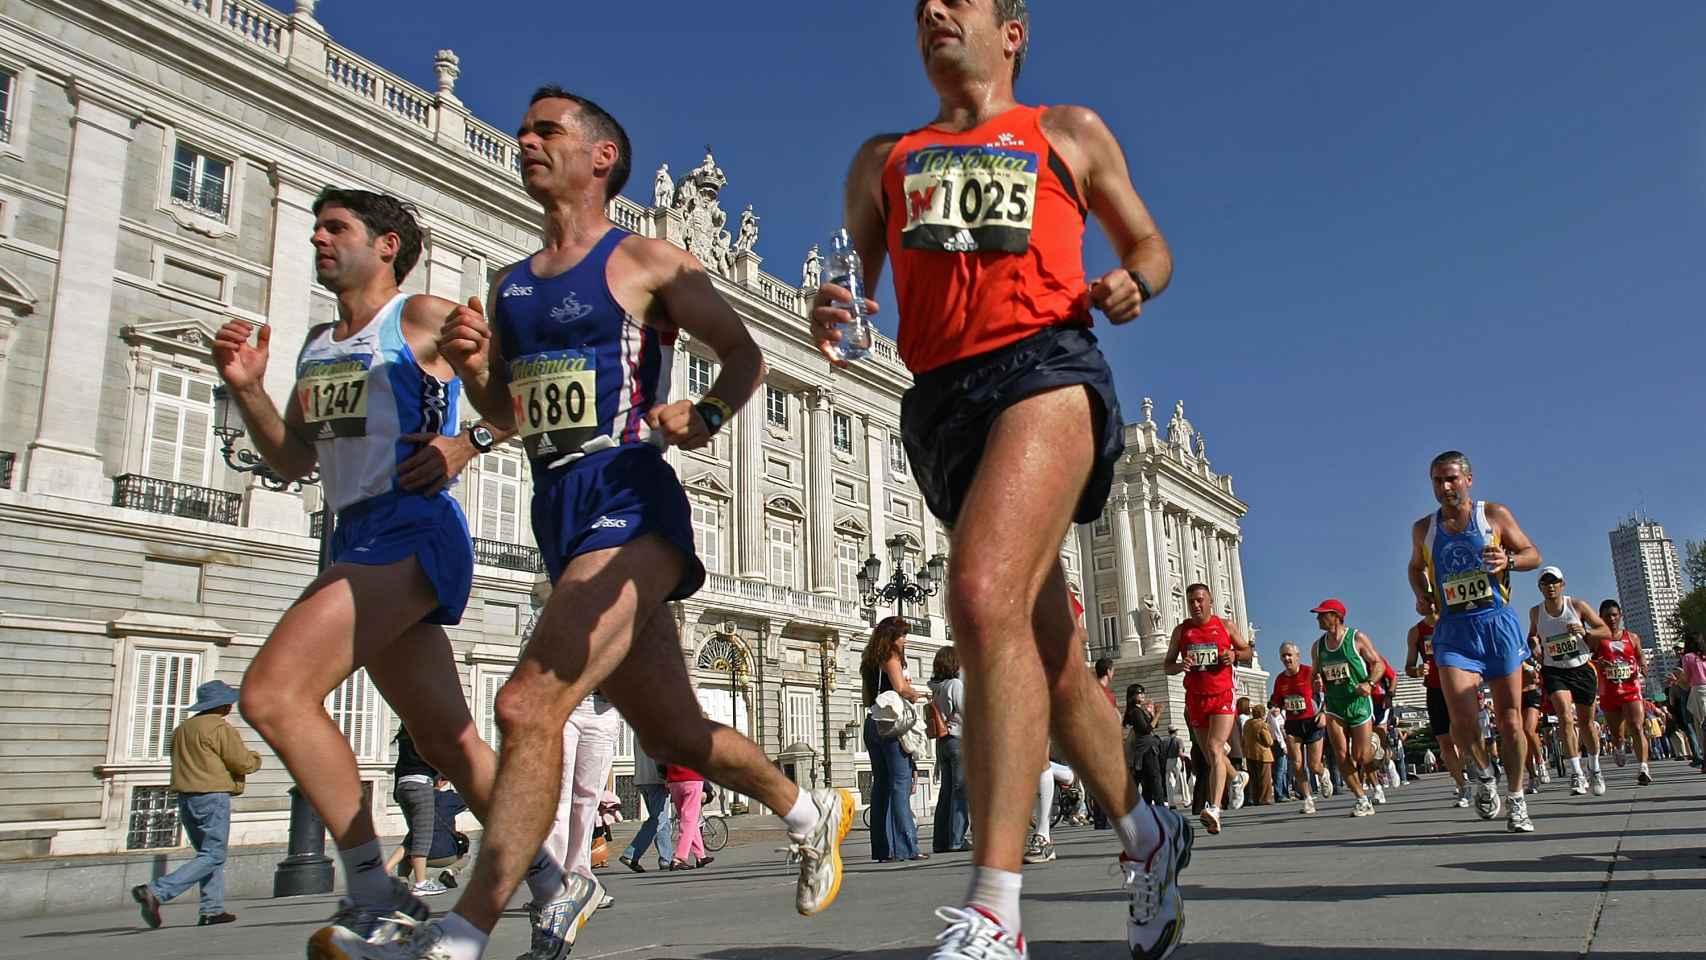 Corredores en la maratón de Madrid